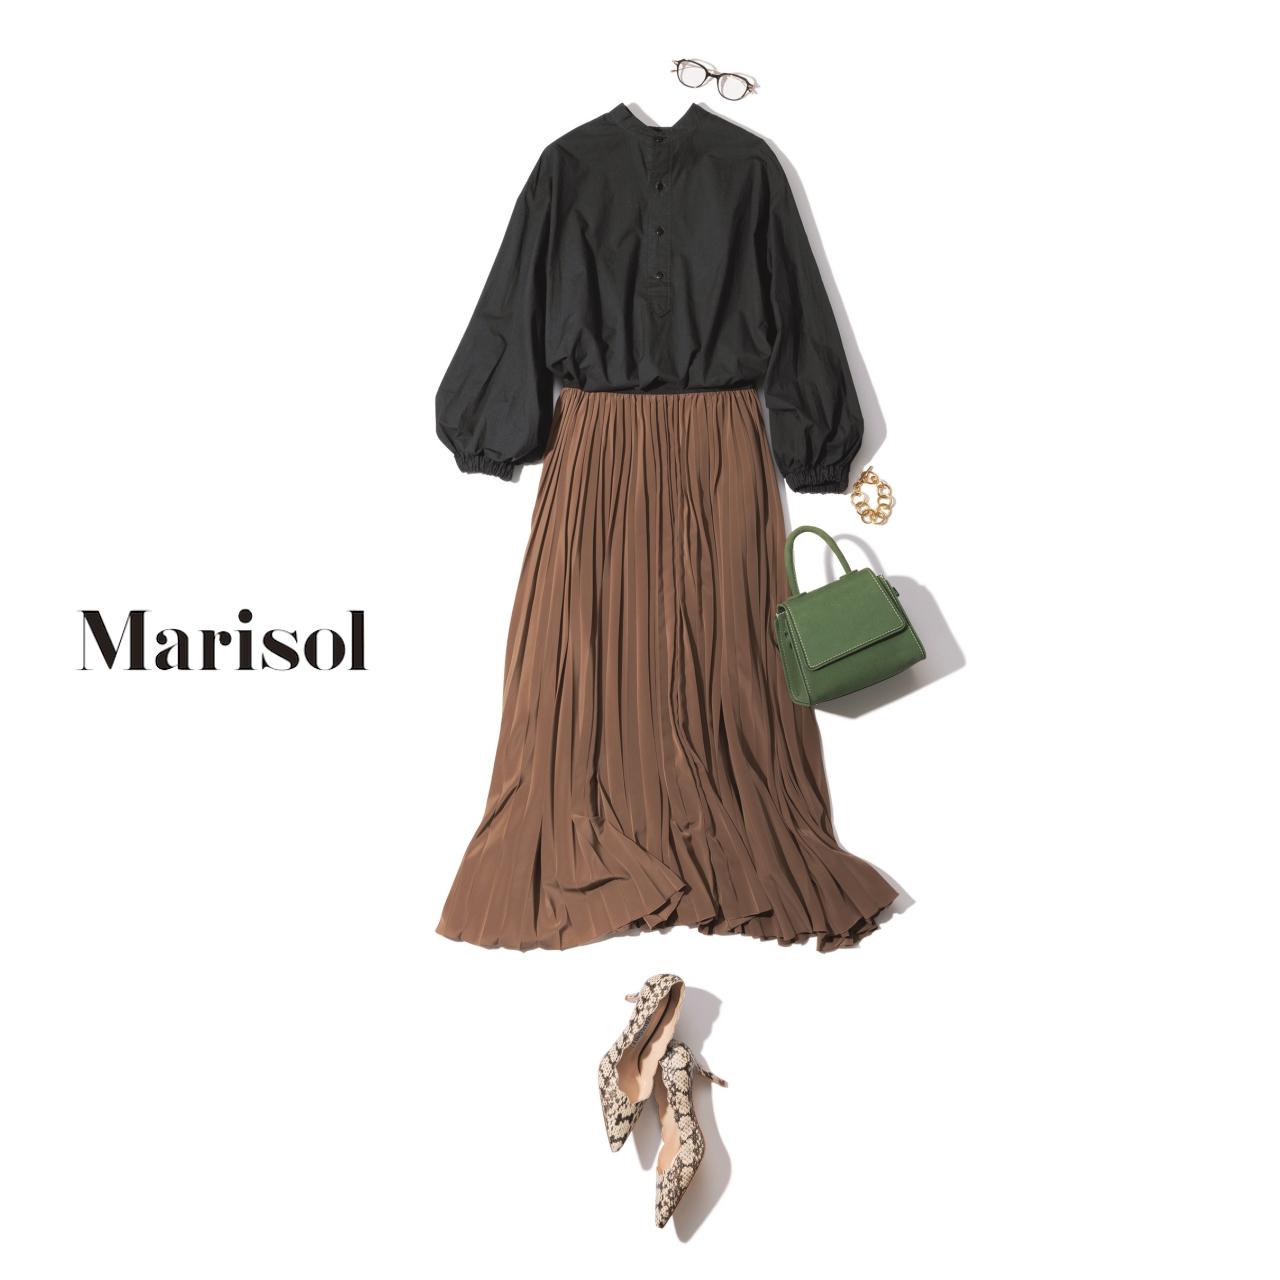 40代ファッション パフスリーブプルオーバー×プリーツスカートコーデ